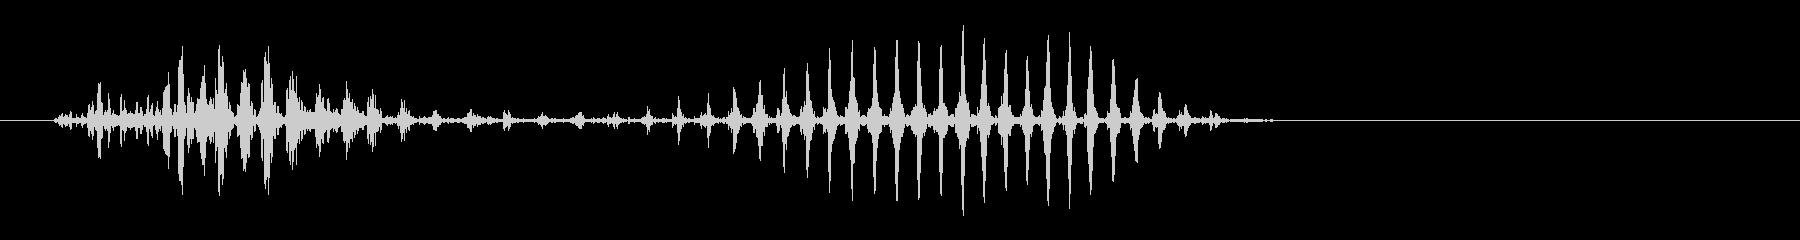 チョッゲっ(ロボットの機械的な発声)の未再生の波形